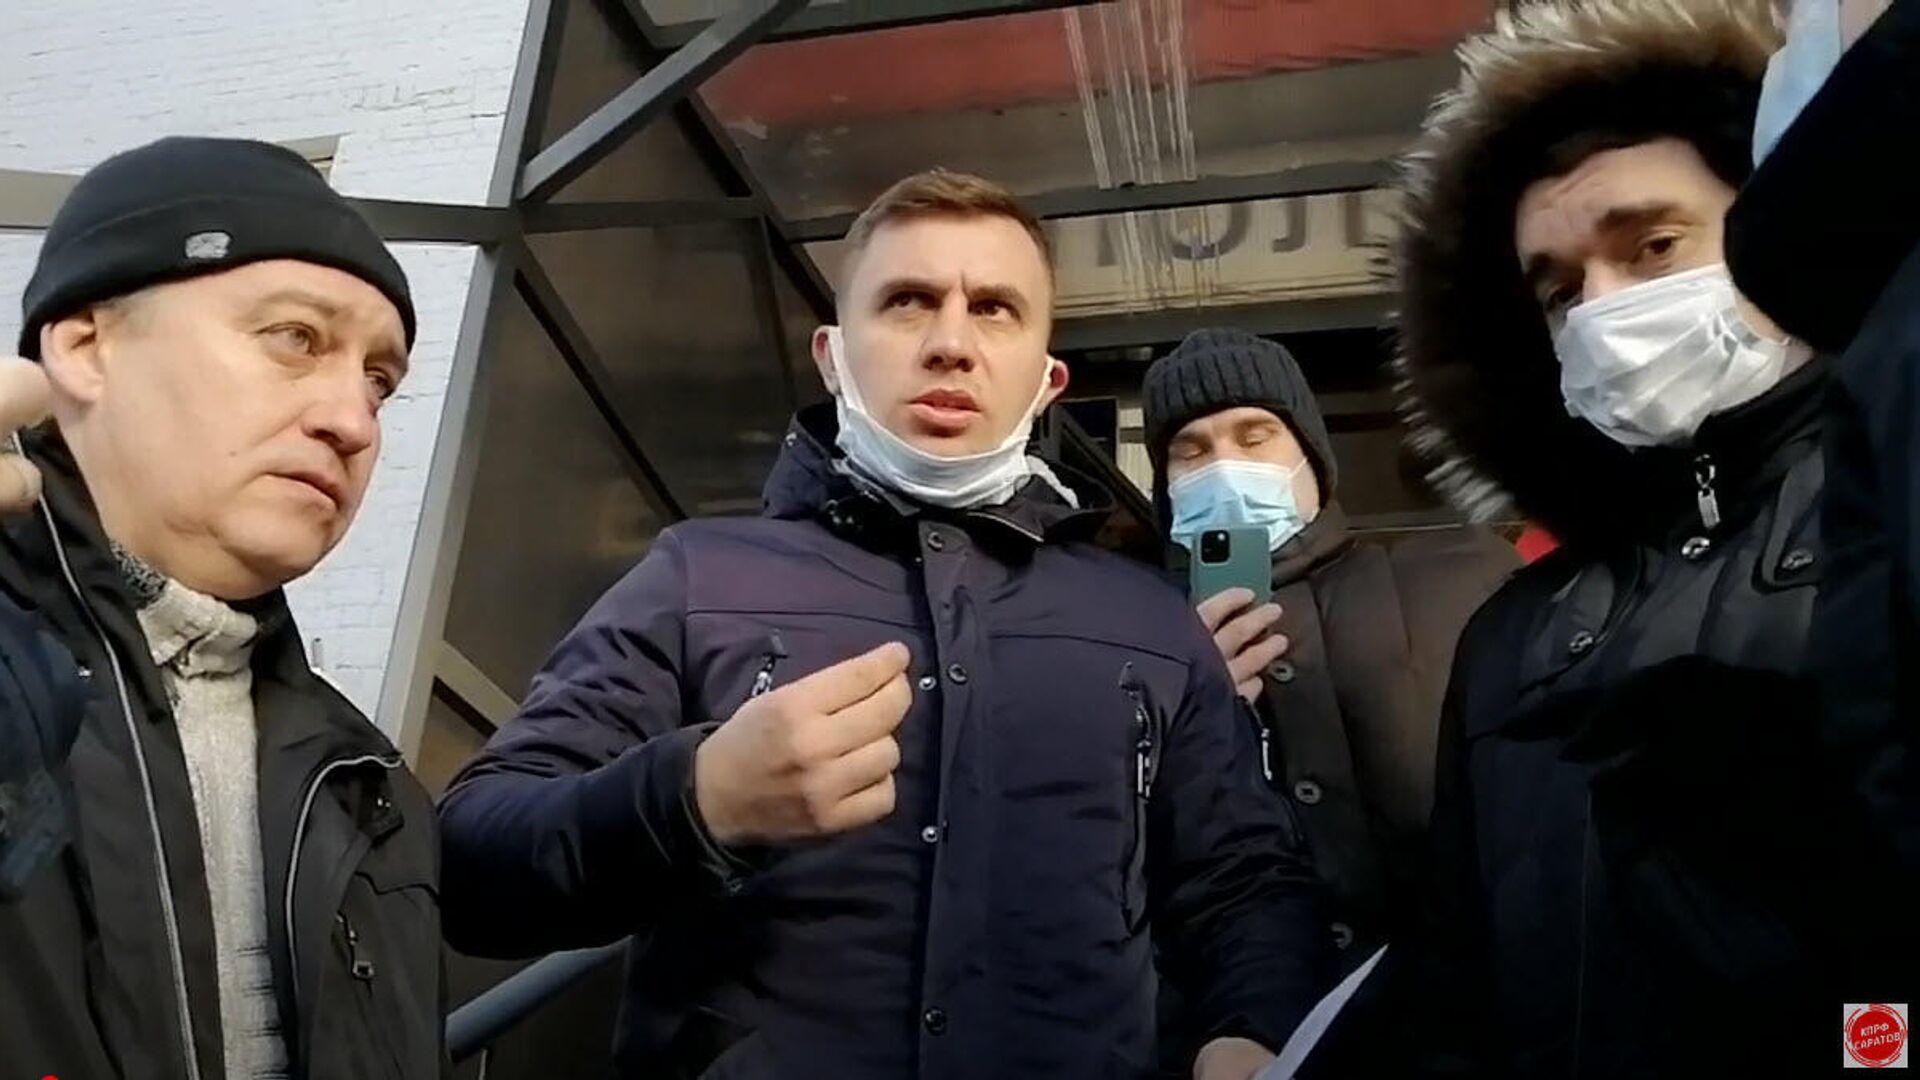 В Саратове депутат облдумы от КПРФ Николай Бондаренко вышел из полиции - РИА Новости, 1920, 09.02.2021